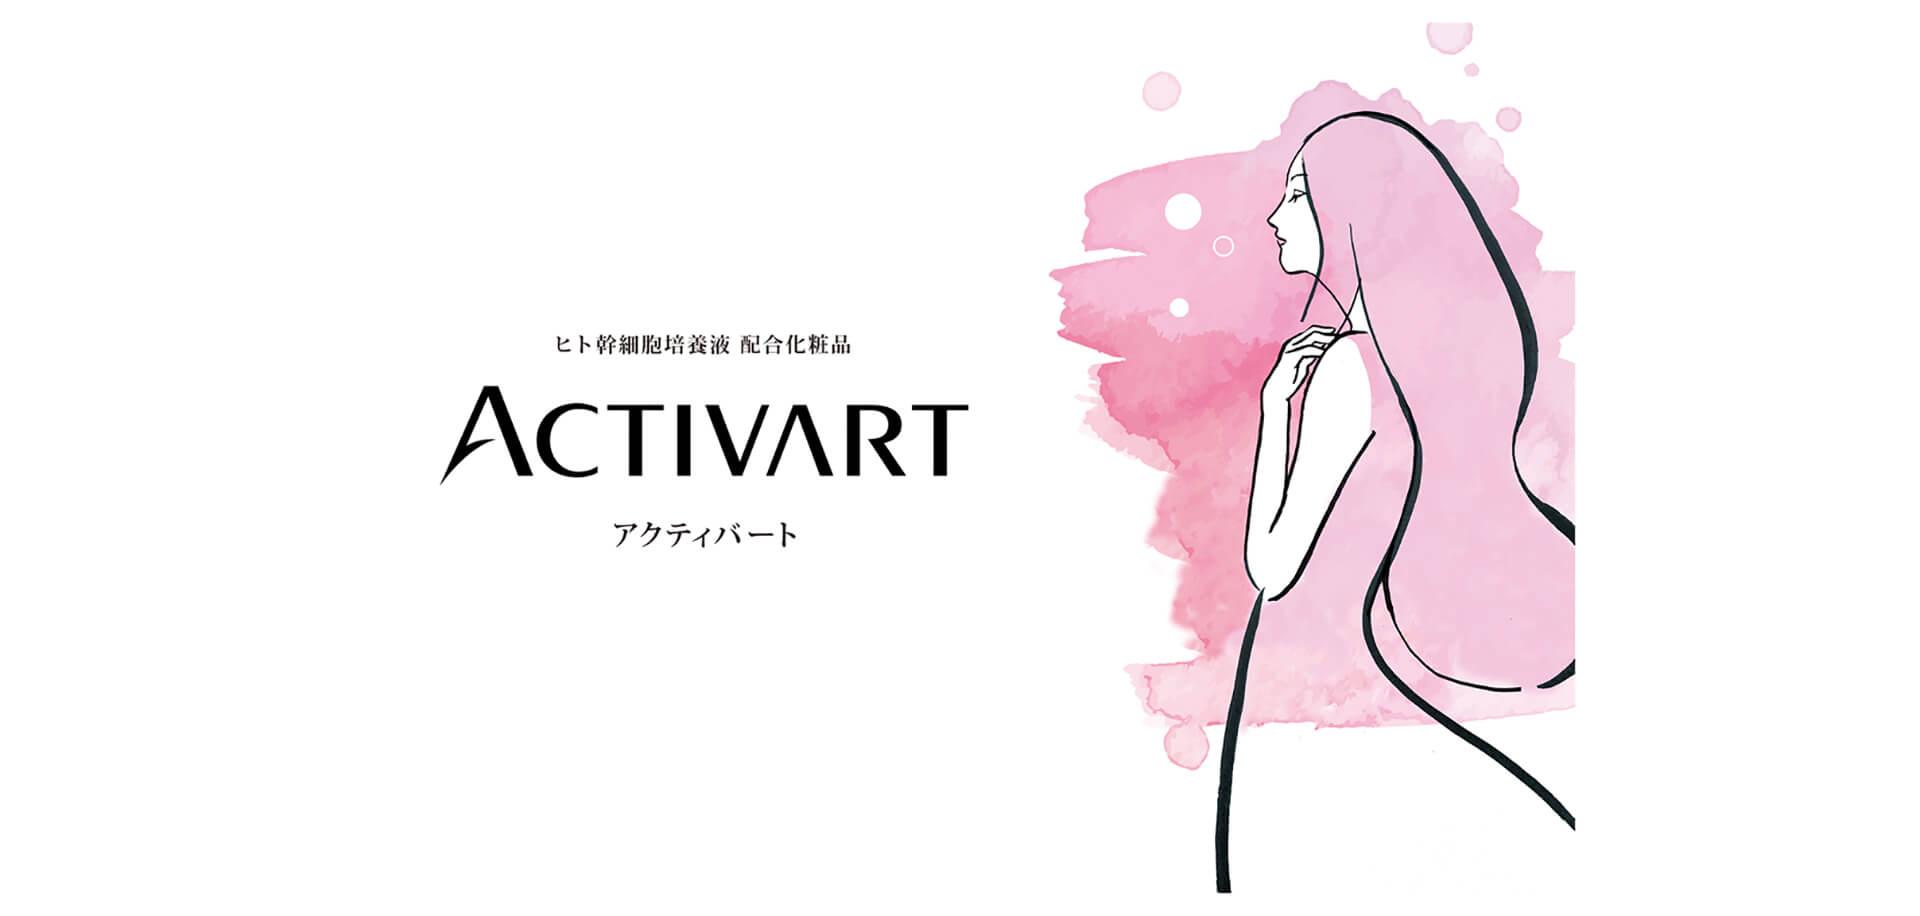 「ACTIVART(アクティバ―ト)」のポップアップショップ